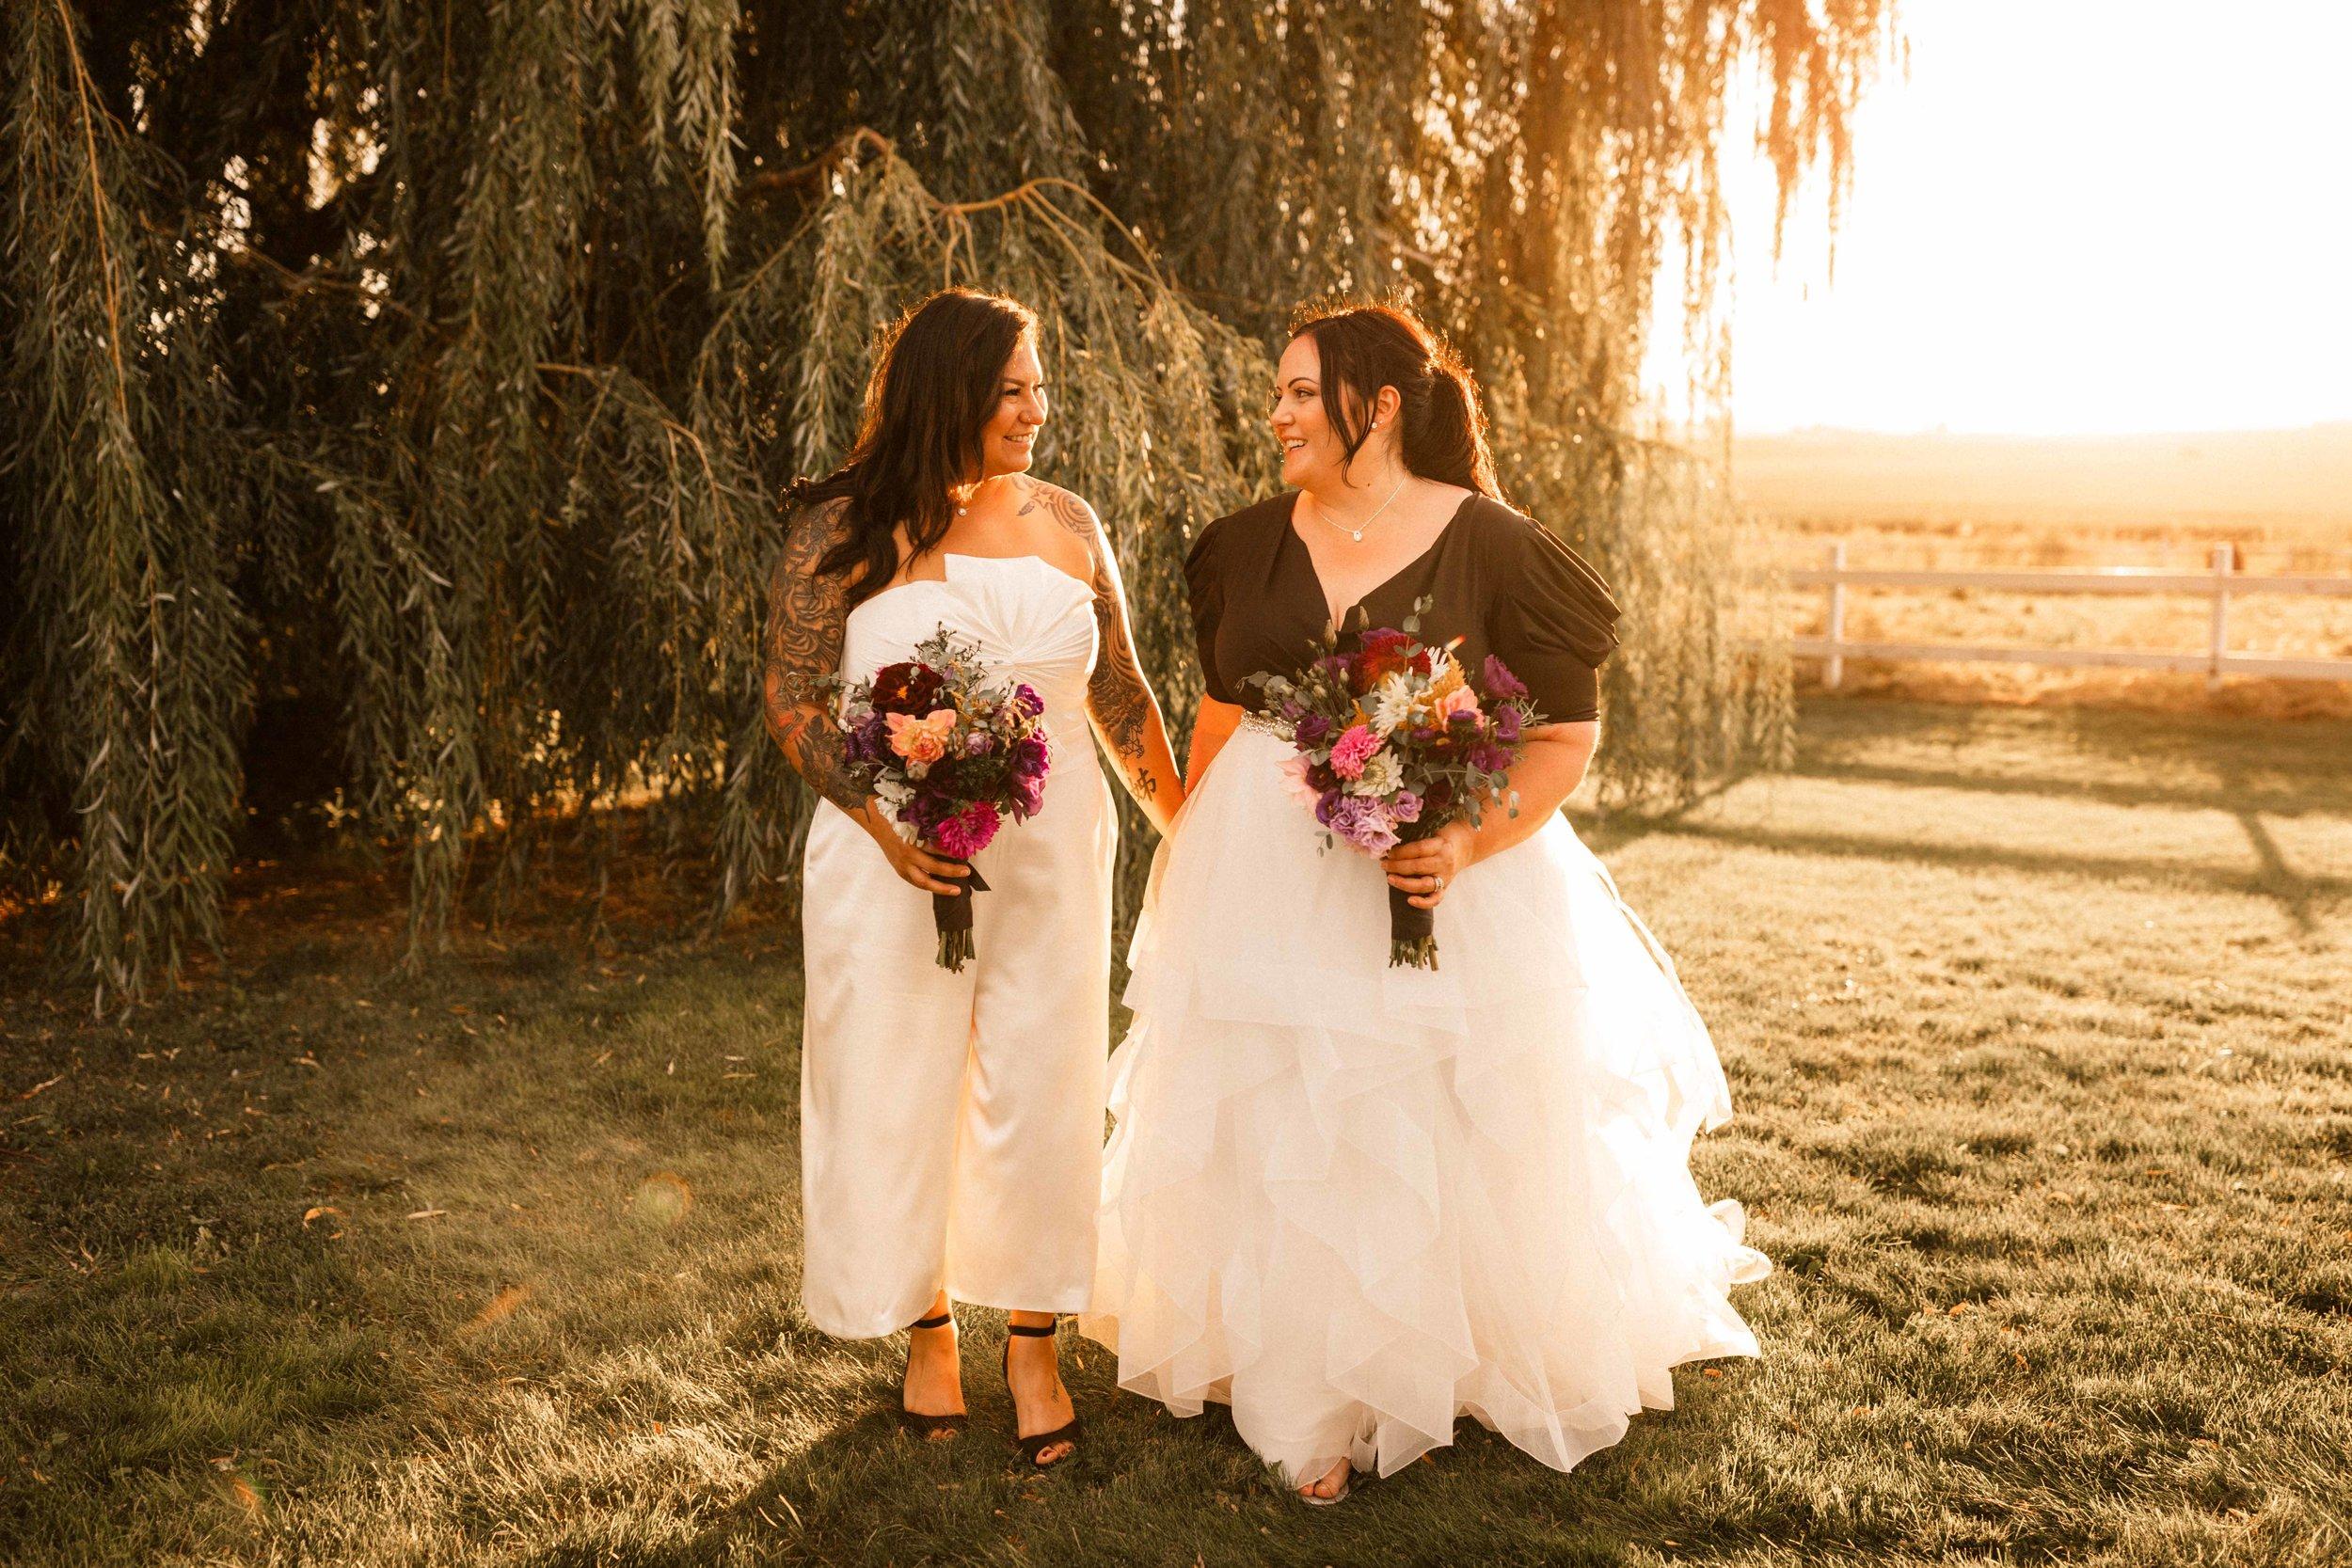 pasco-wedding-photos-41.jpg